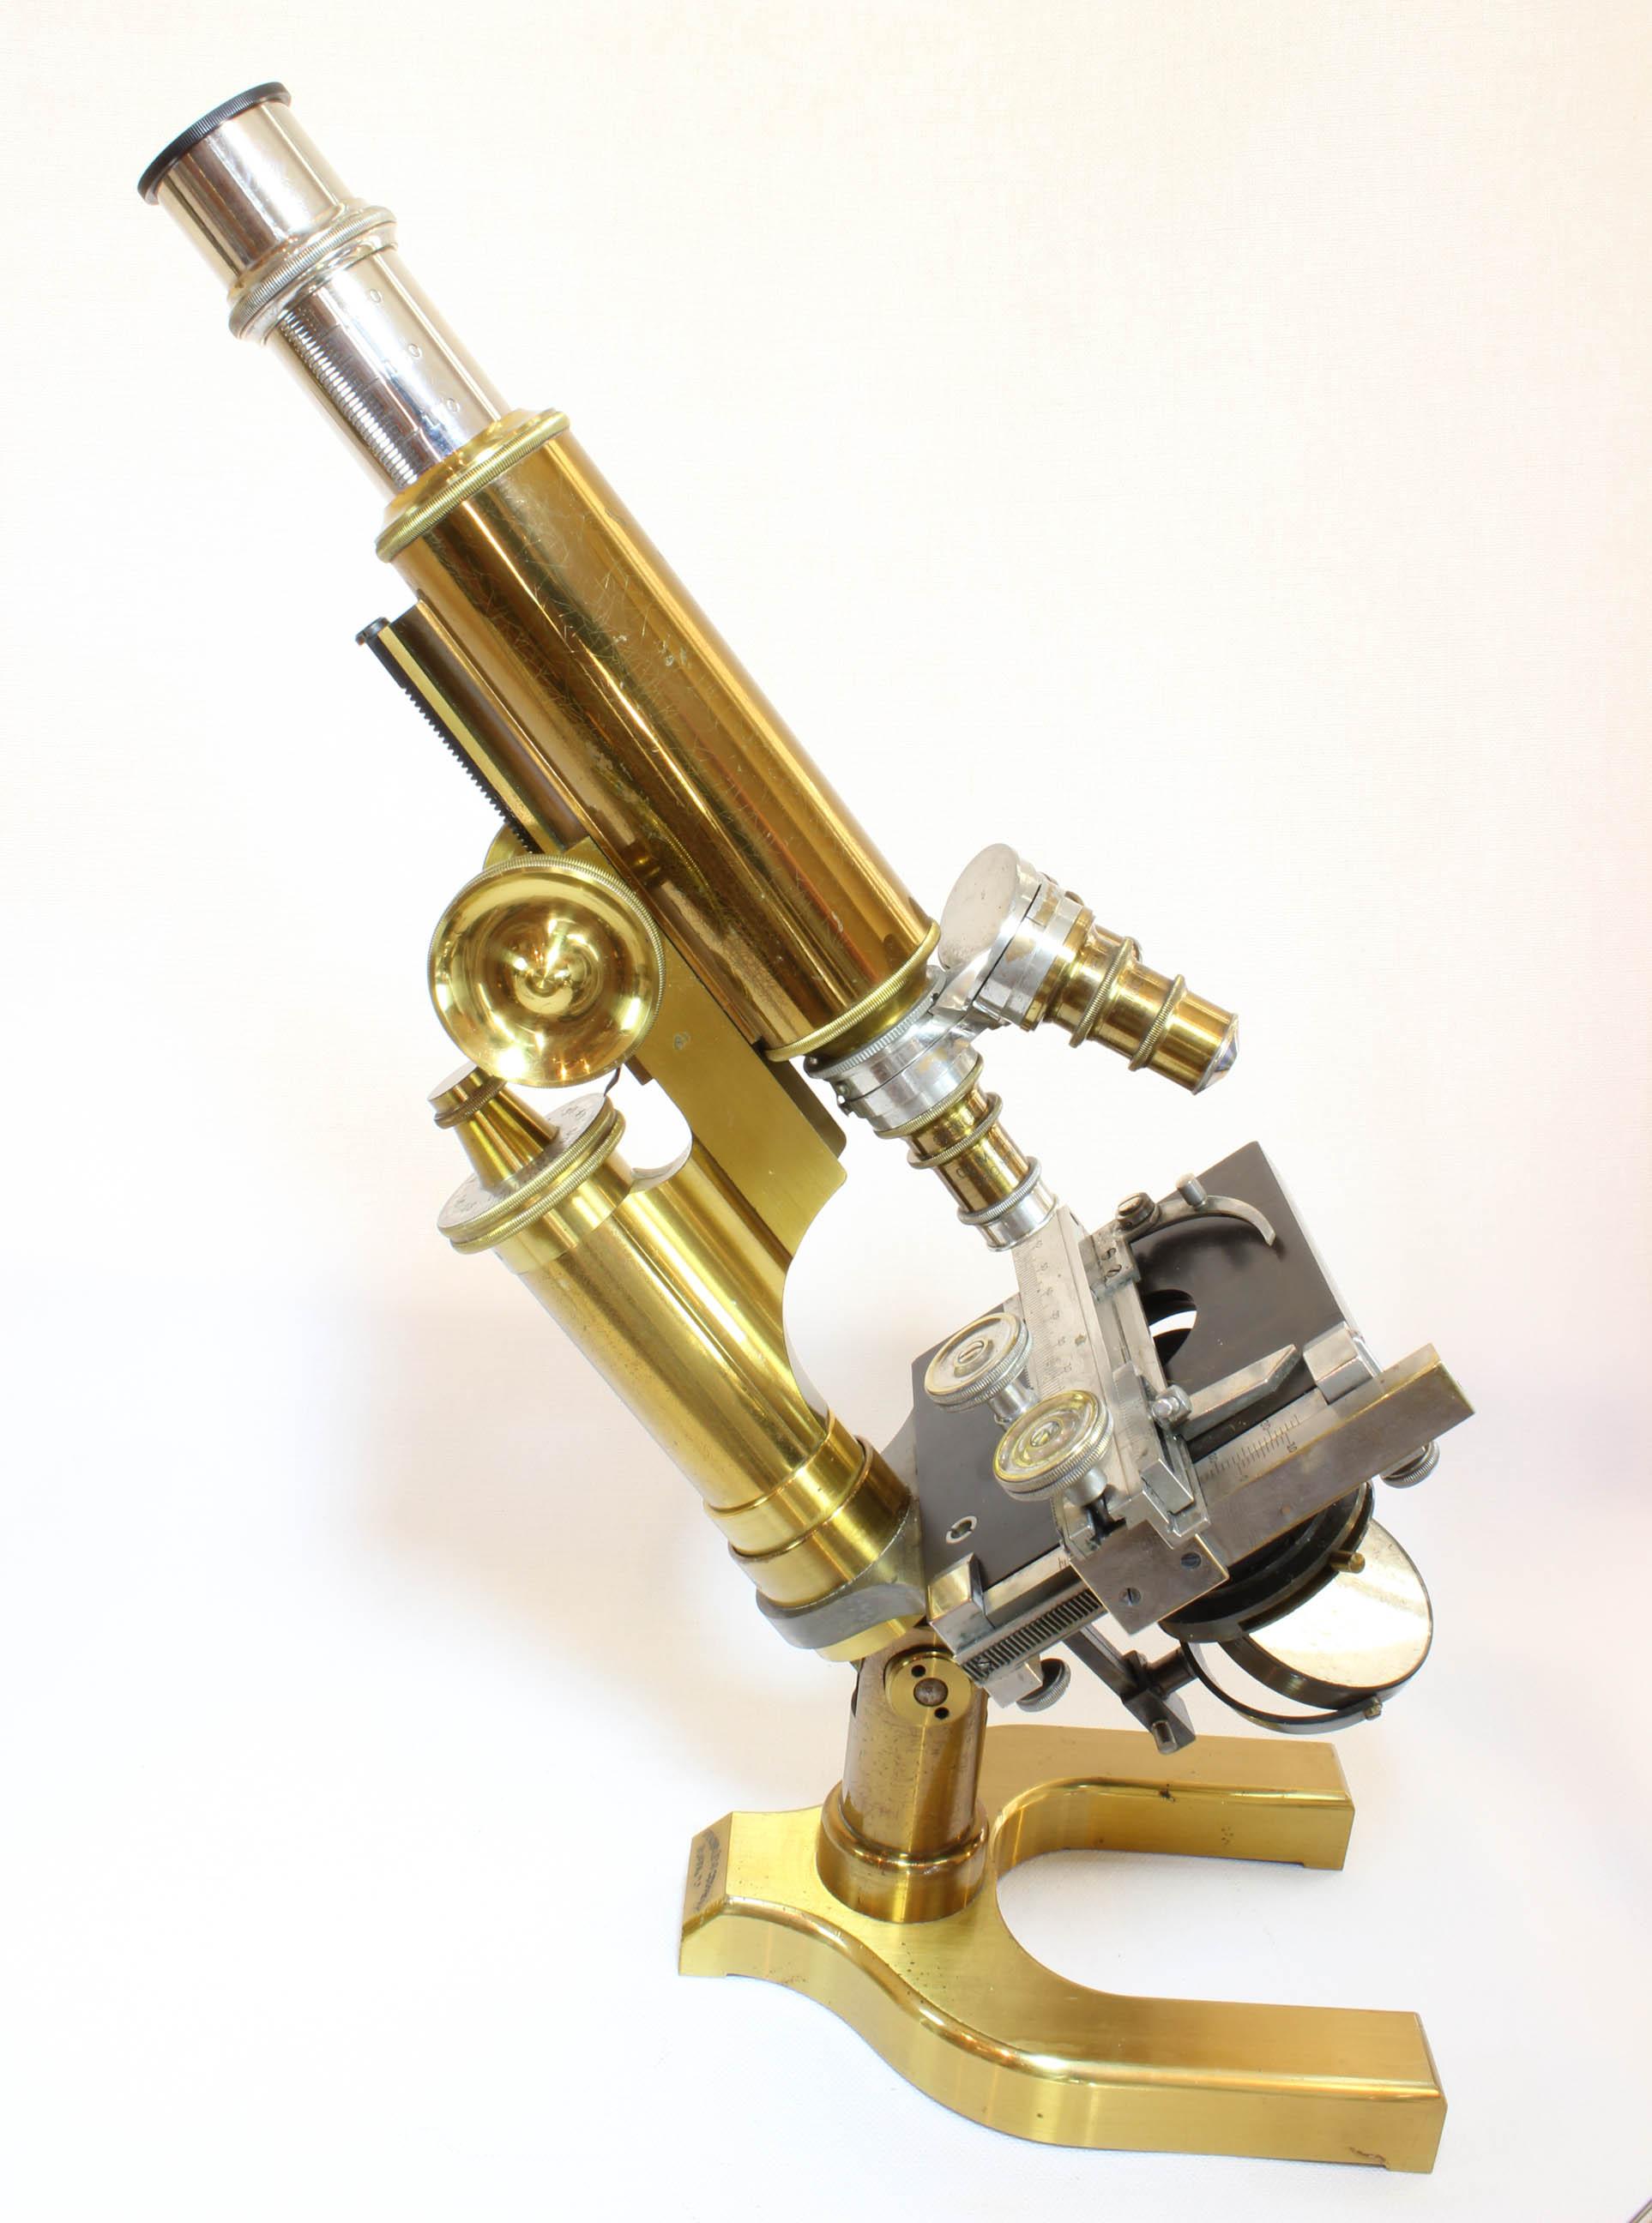 SPENCER No 1 MICROSCOPE